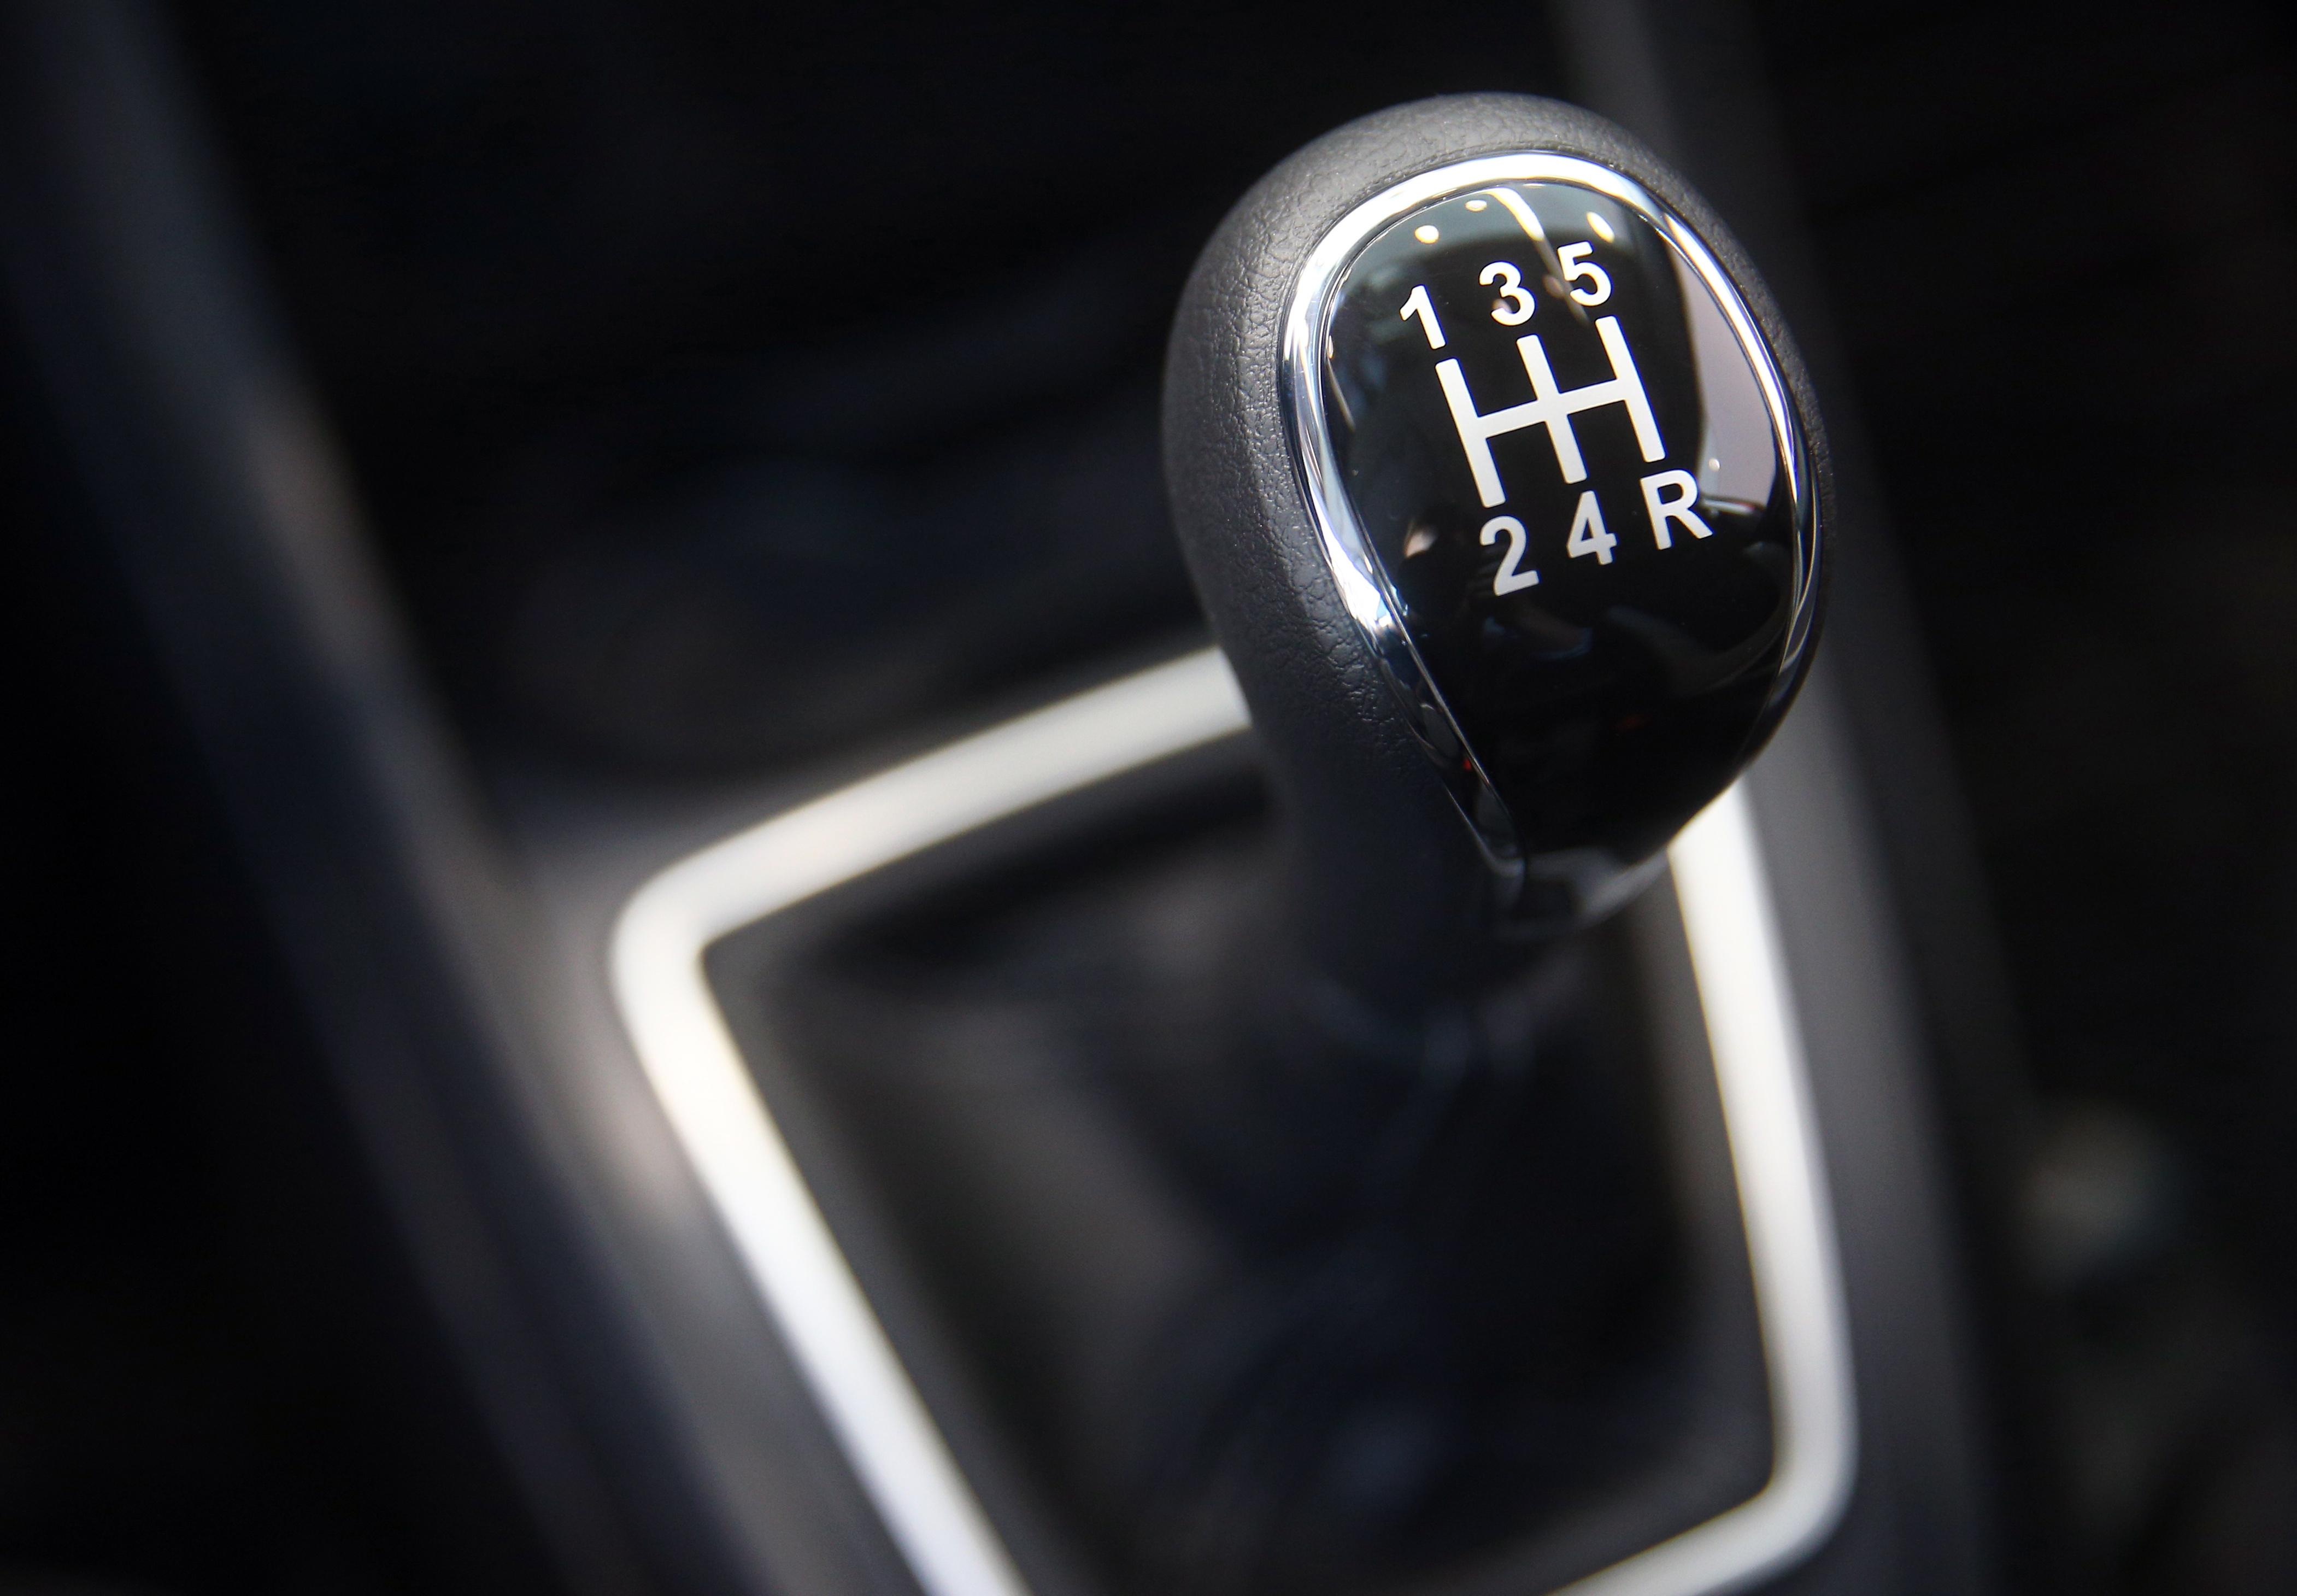 Прообраз «механики» впервые использовал на своем авто Карл Бенц. Сегодня ее ставят на все марки от ВАЗа до Porsche